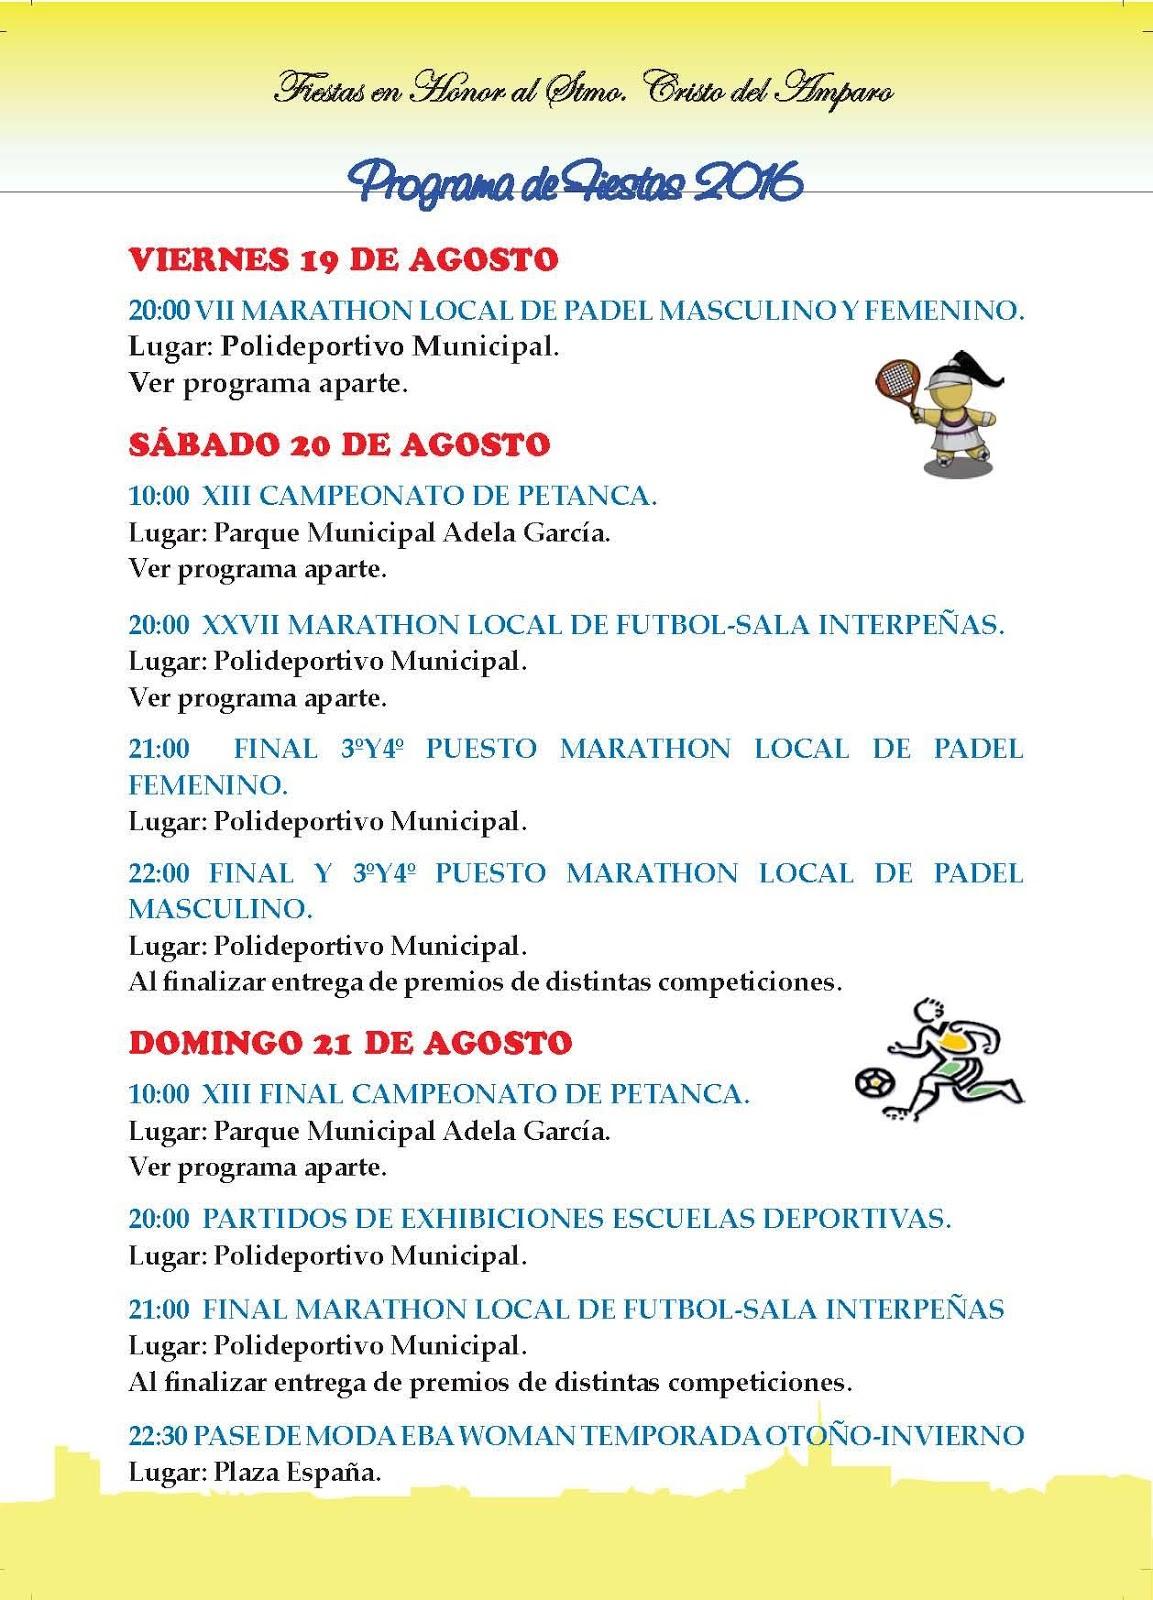 Ferias y fiestas de santa cruz del retamar 2016 for Muebles santa cruz de retamar